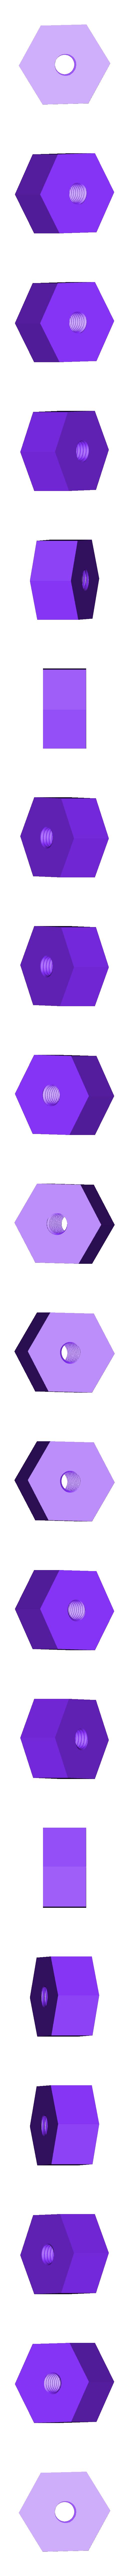 hitchSPINNER_4_nut.stl Télécharger fichier STL gratuit Couvercle d'attelage 2 POUCES et tourniquet à deux vitesses • Modèle à imprimer en 3D, hitchabout